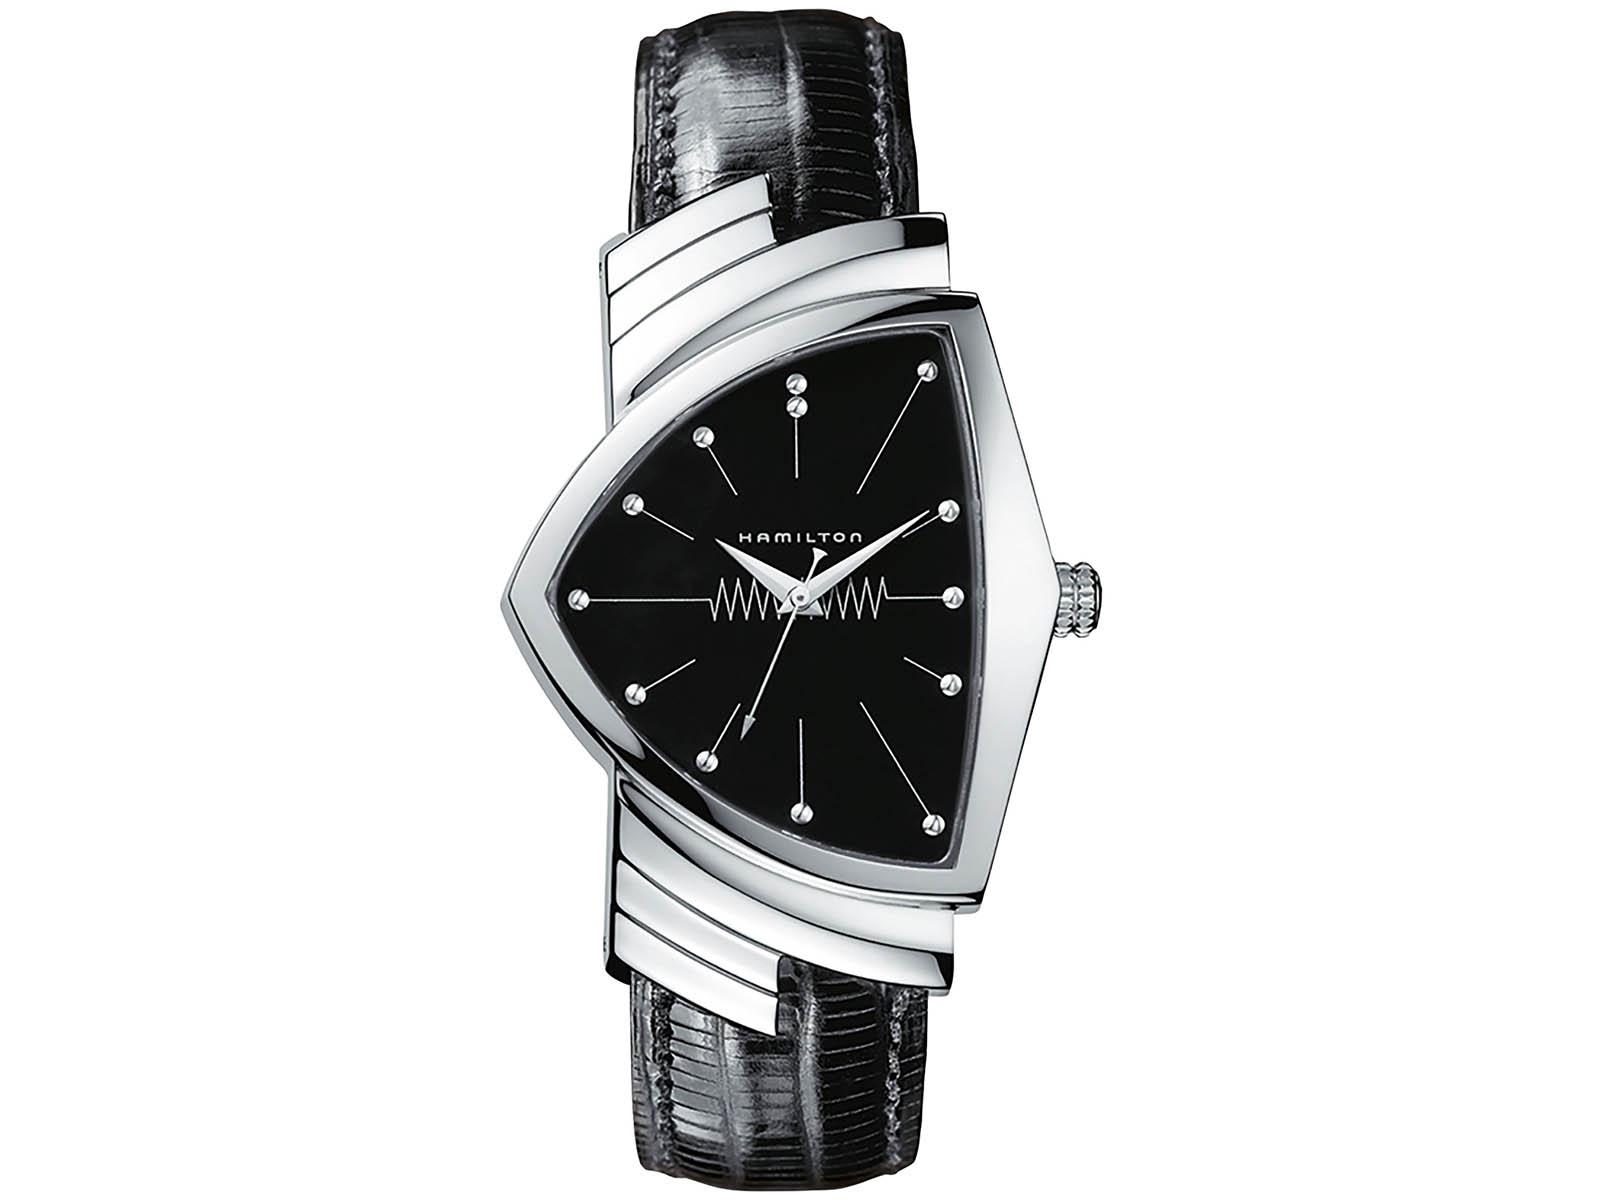 quartz-watches-6.jpg